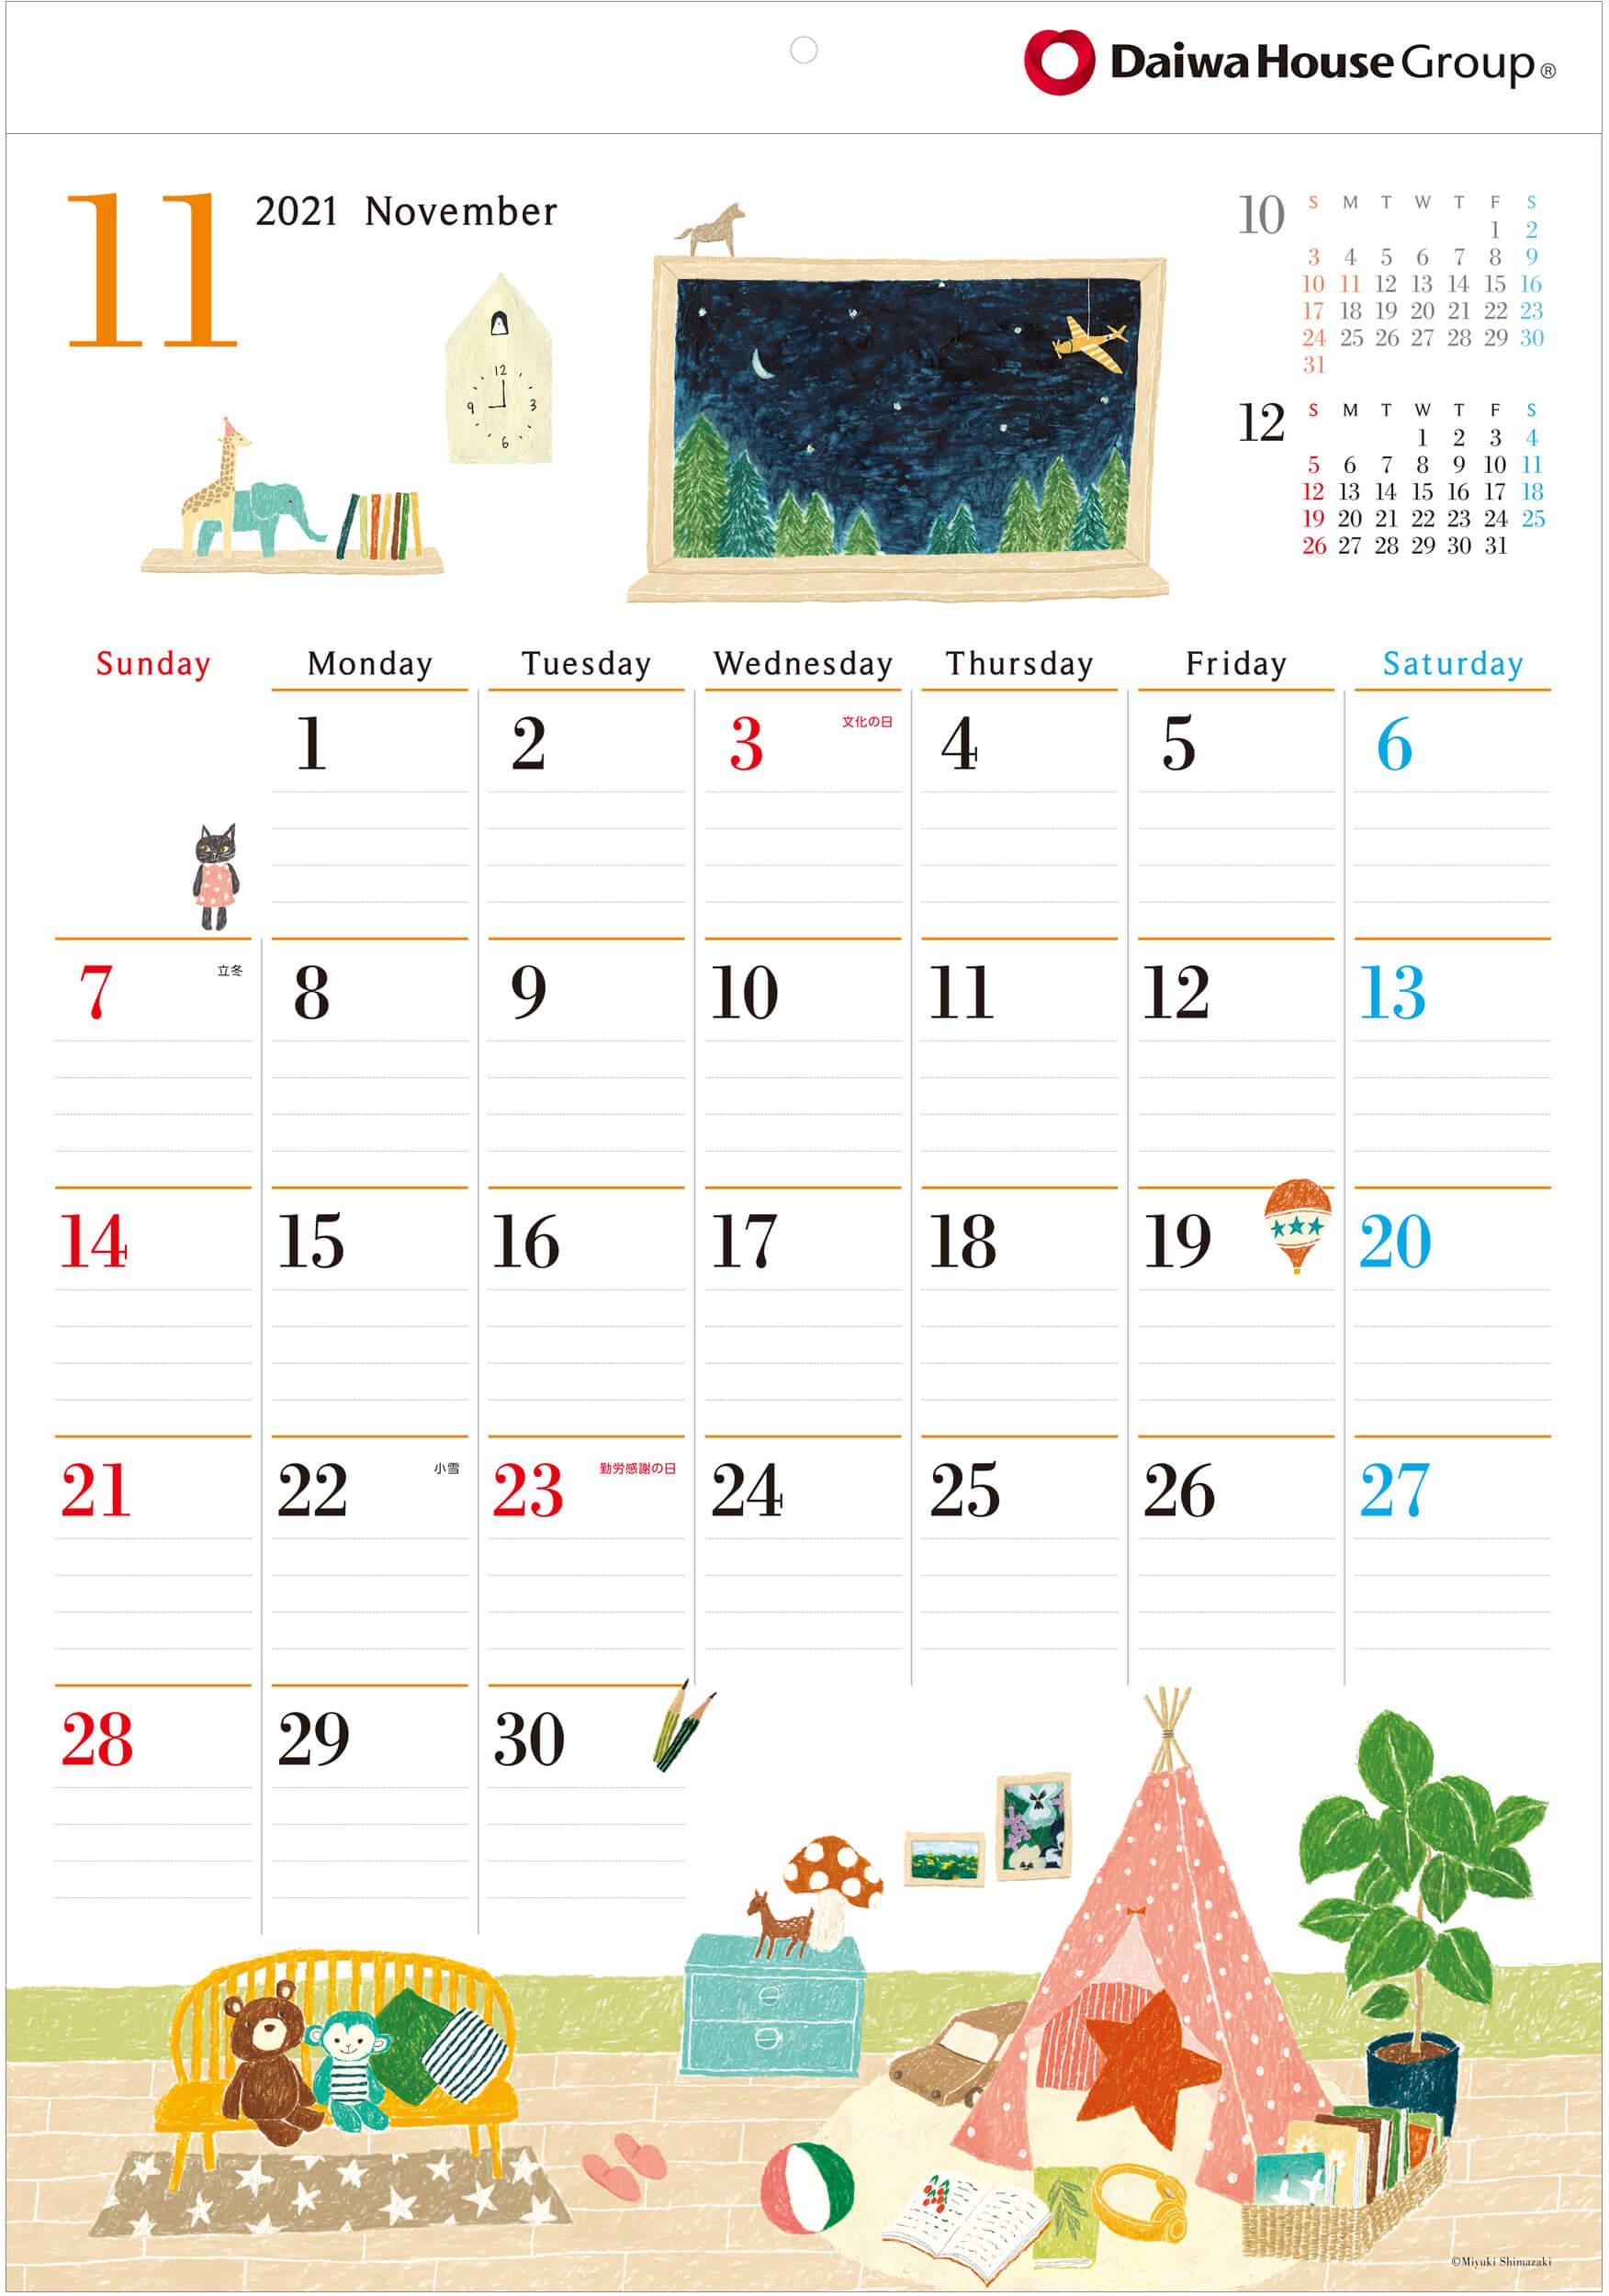 2021年カレンダー ダイワハウス「11月かわいい子供部屋」